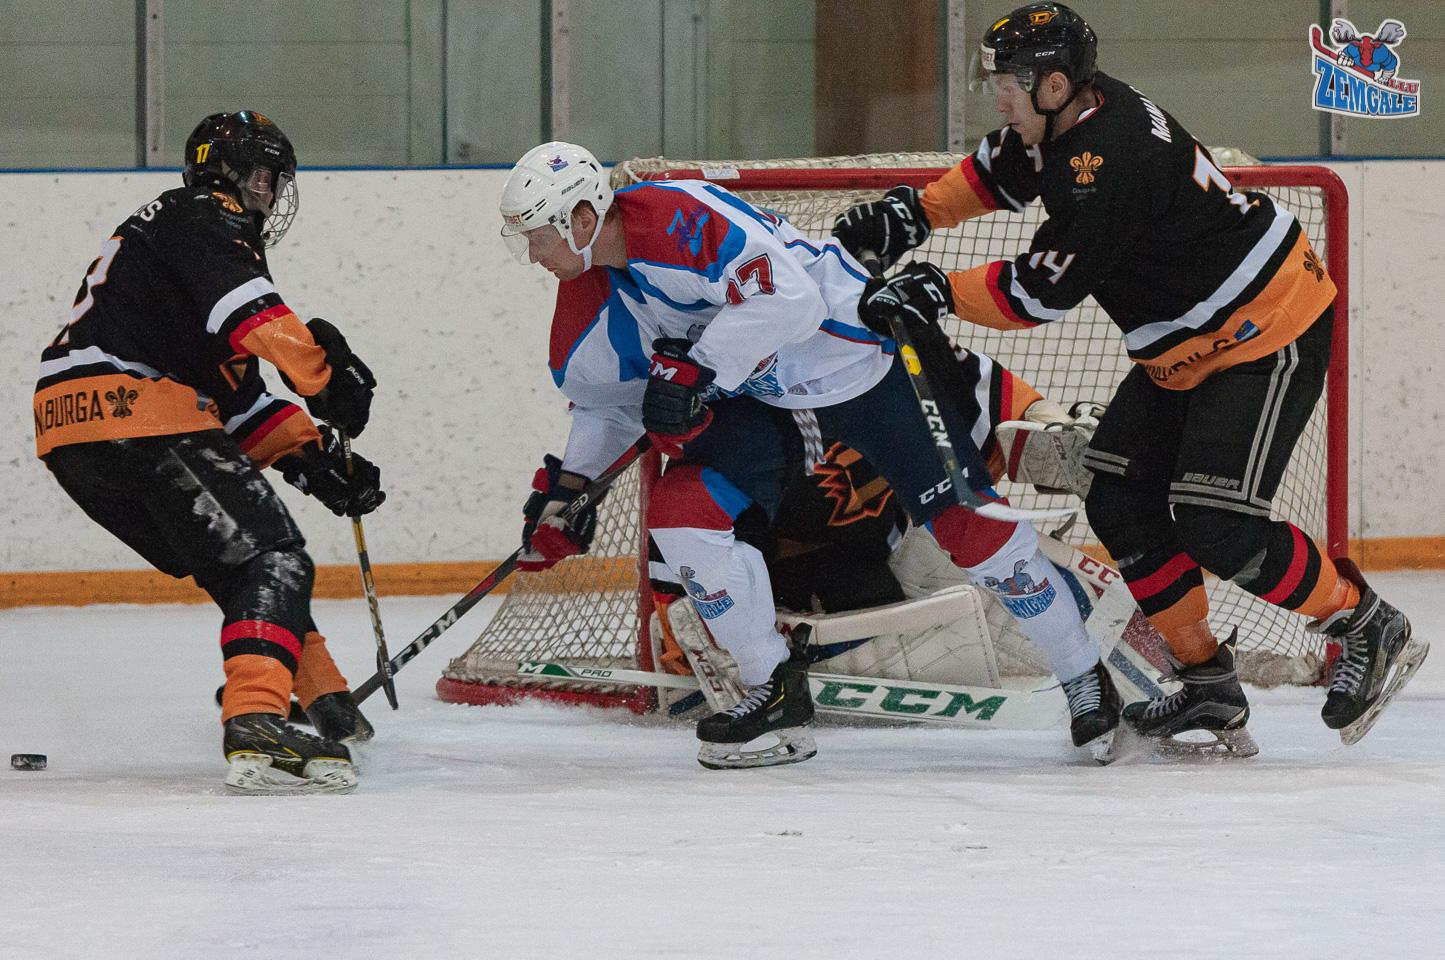 Hokejisti cīnās par ripu vārtu priekšā